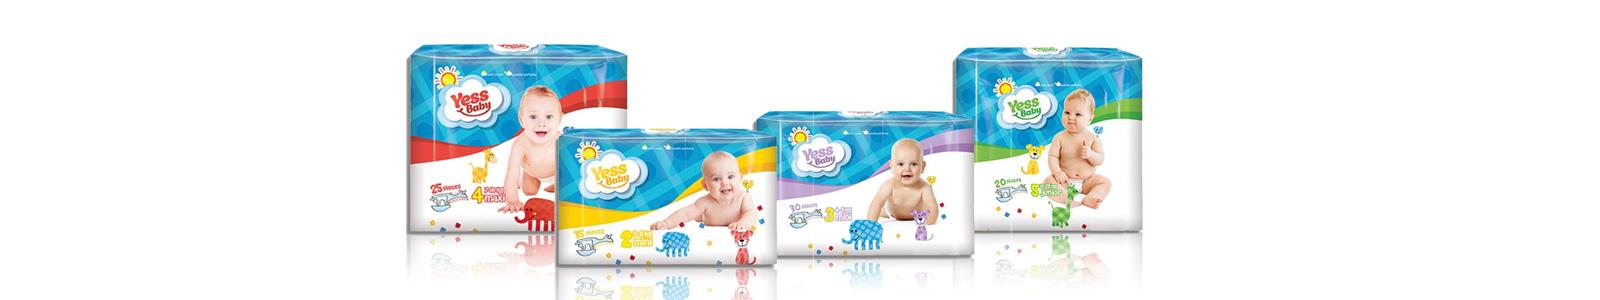 Yess Baby termékcsalád